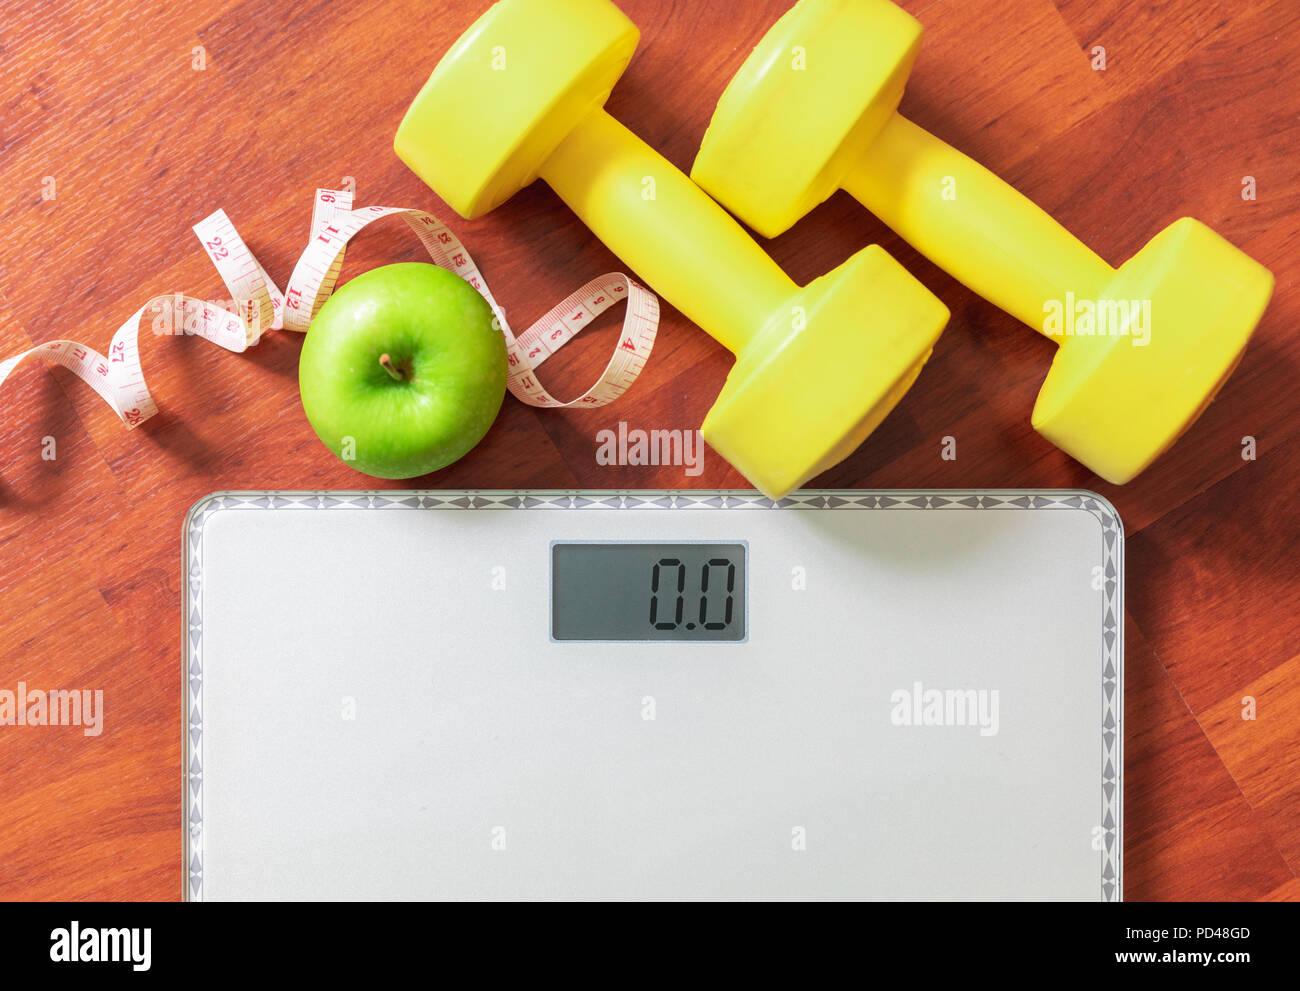 Obst, Kurzhantel- und Skala, Fett zu verbrennen und Gewichtsverlust Konzept, Ernährung Stockbild